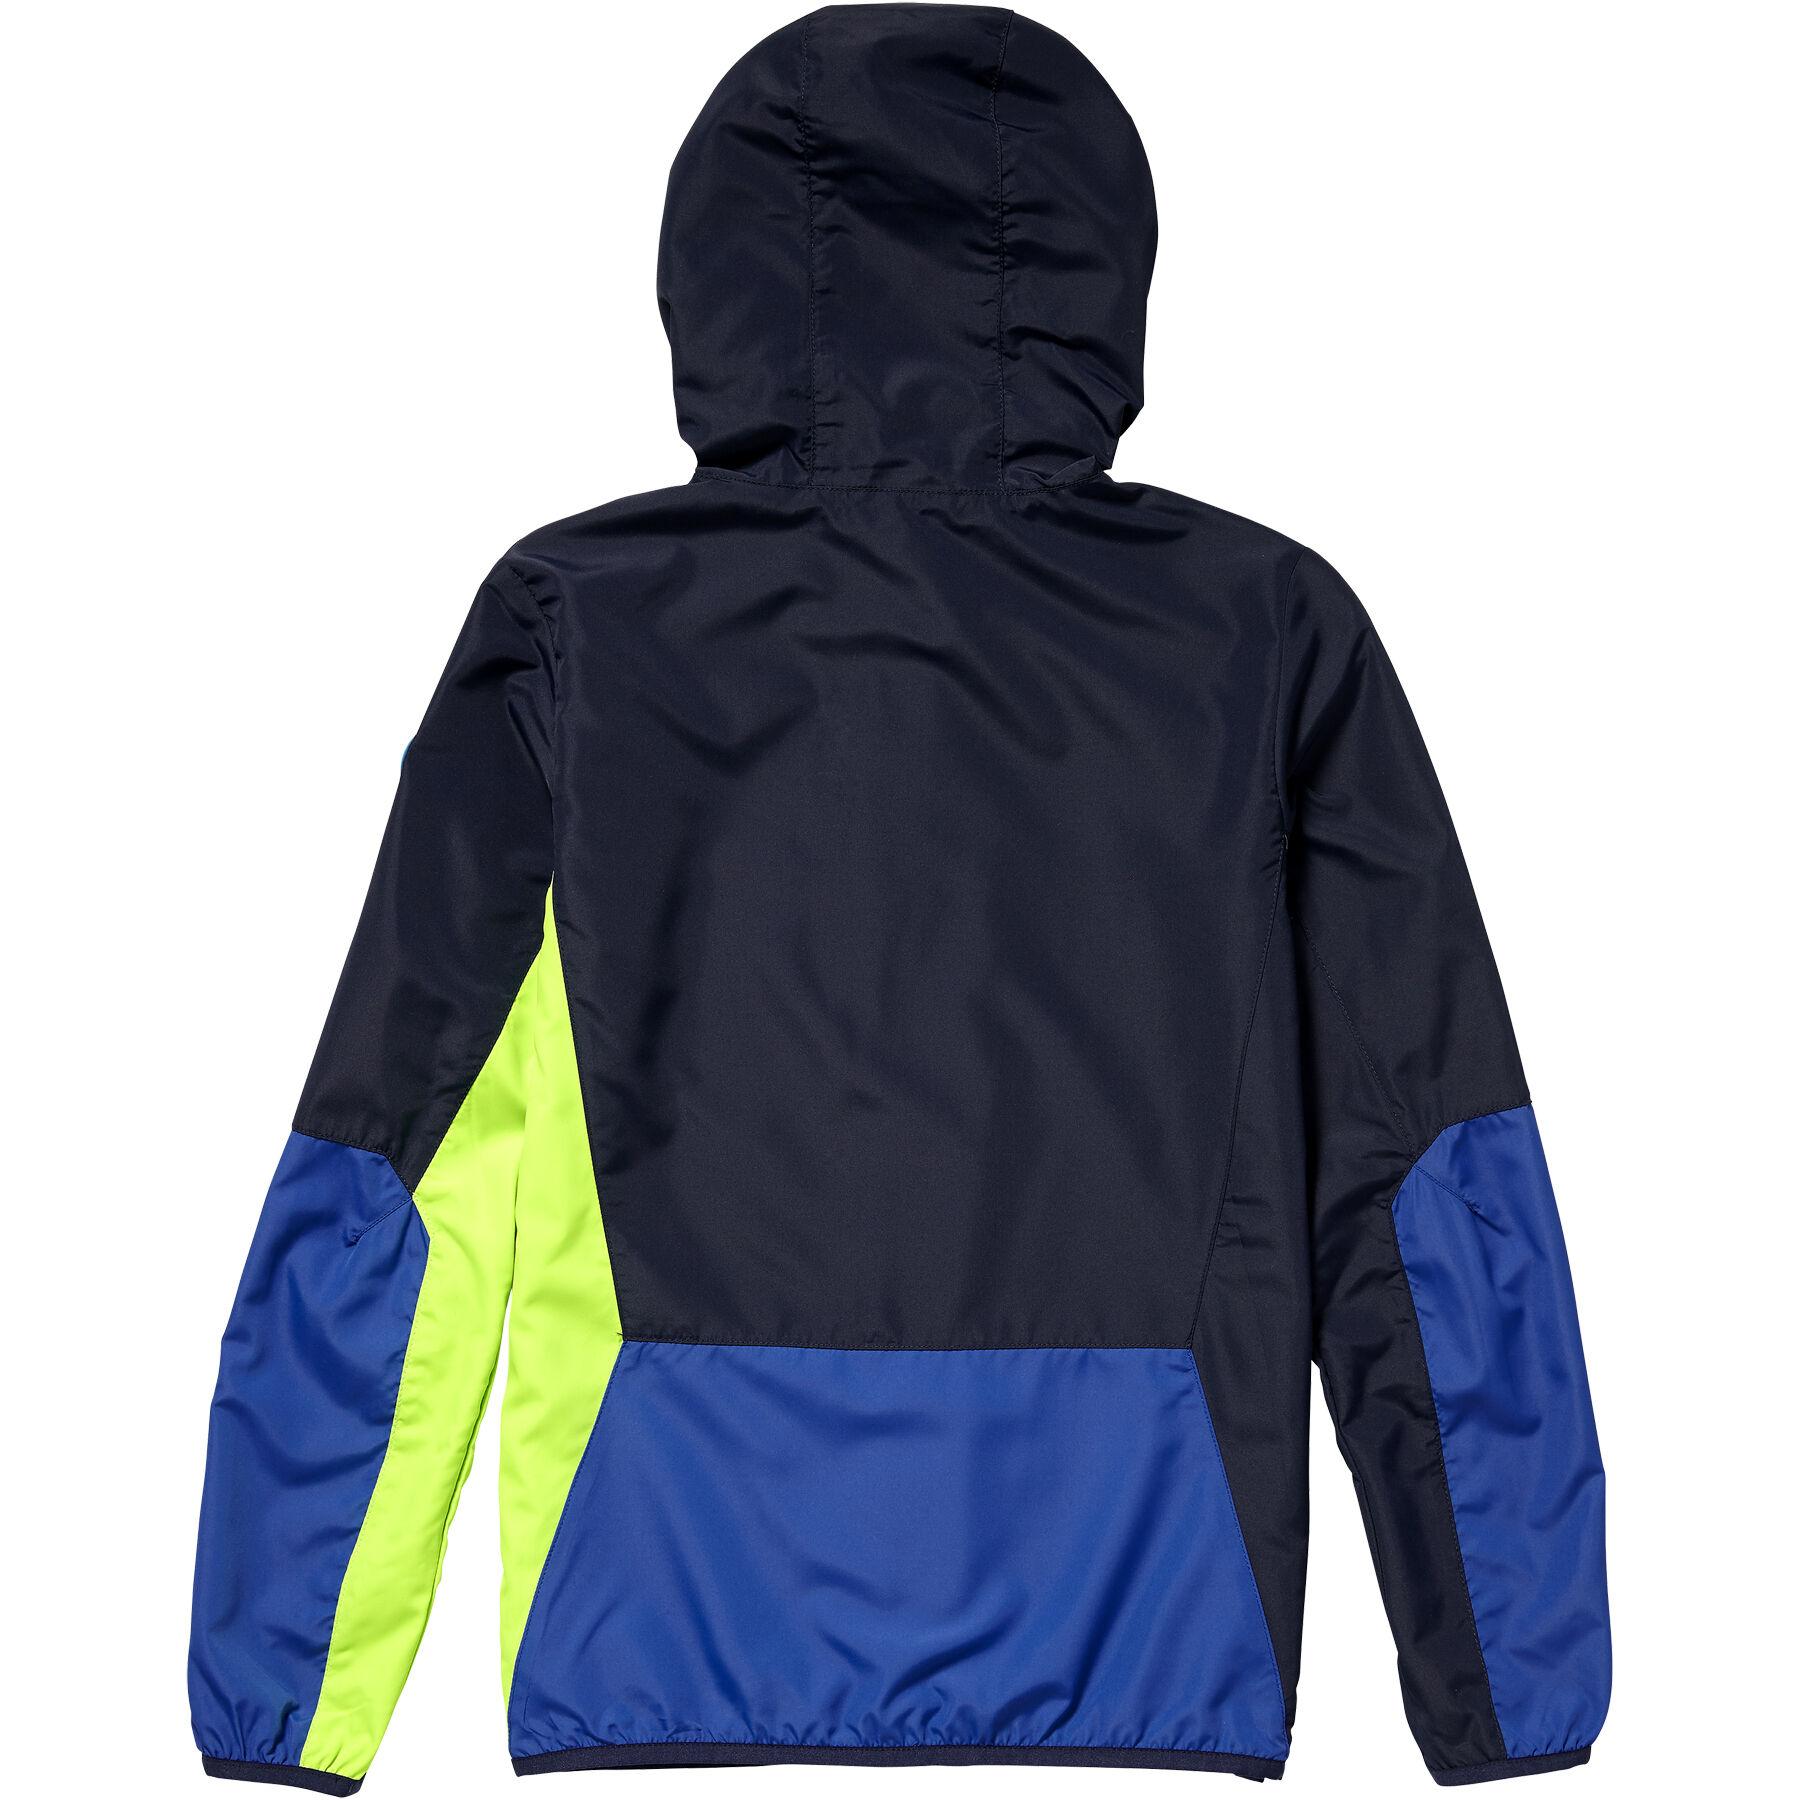 Ebay Vente En Ligne Pas Cher Avec Paypal O'Neill Cali Windbreaker Jacket Blue Large Éventail De La Vente En Ligne 2bYc0